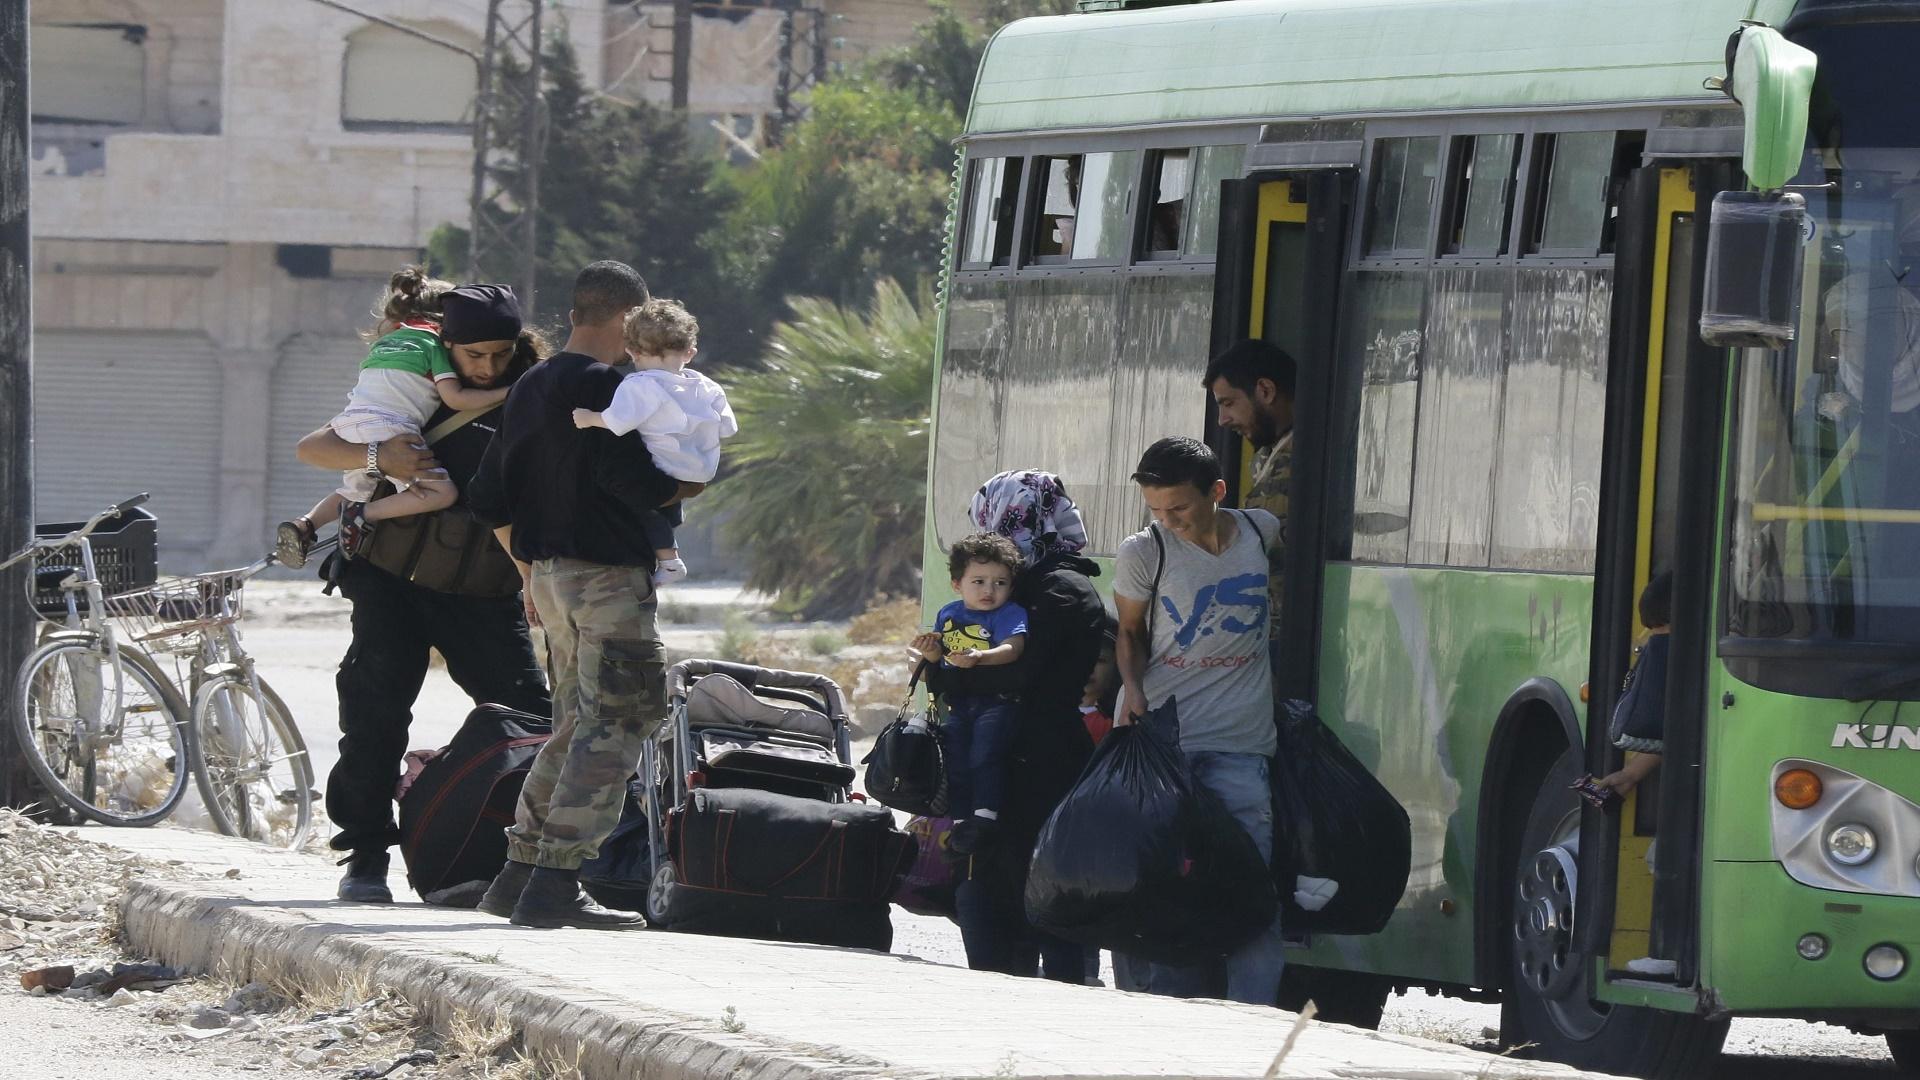 مصدر أمنى سورى: خروج 1500 مسلح من ريف درعا إلى إدلب